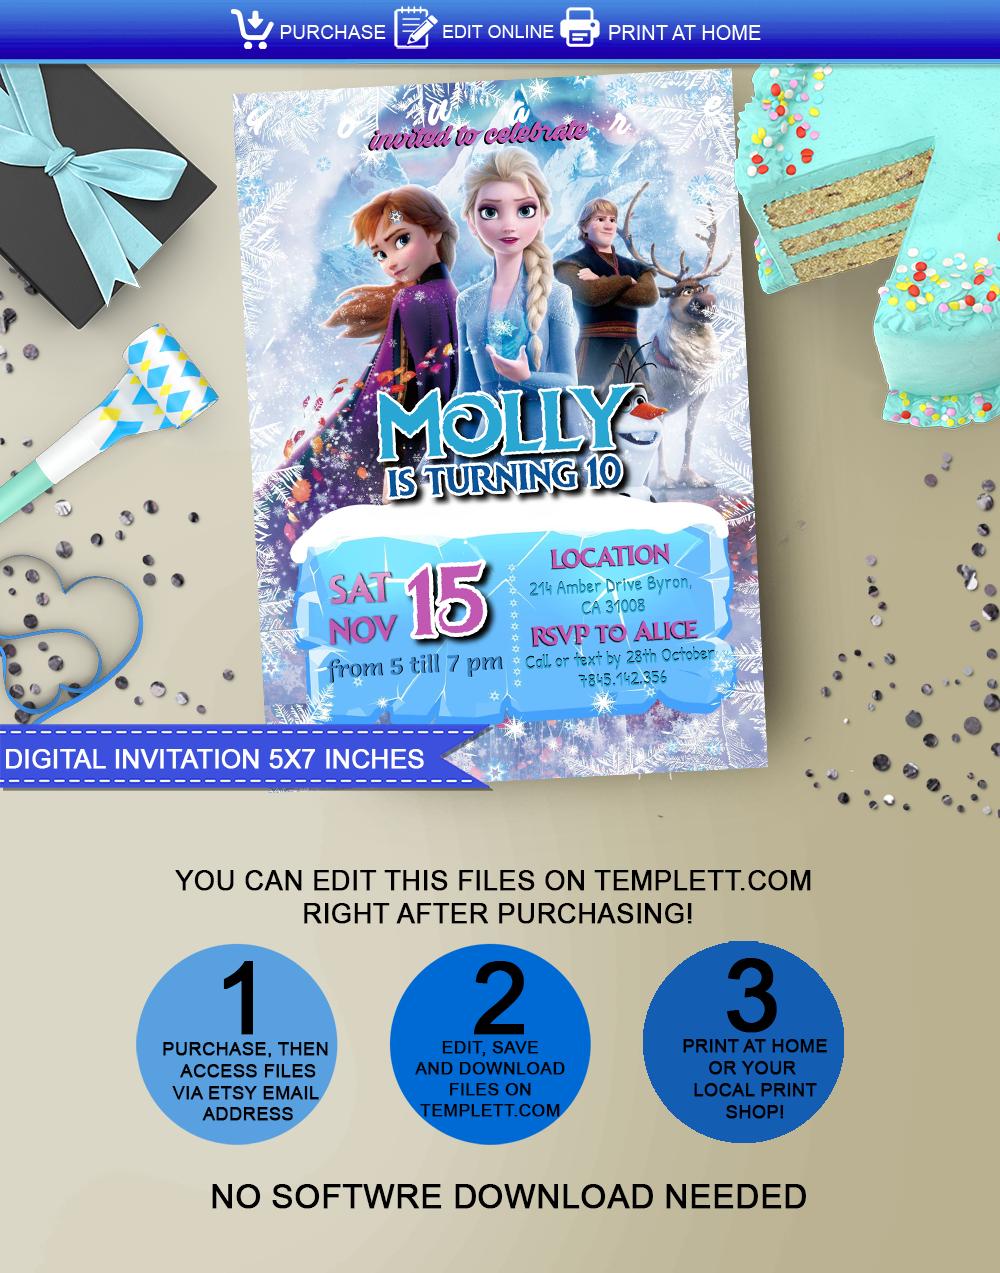 Frozen Invitation 5 7 Inches Frozen Invitations Digital Invitations Invitations